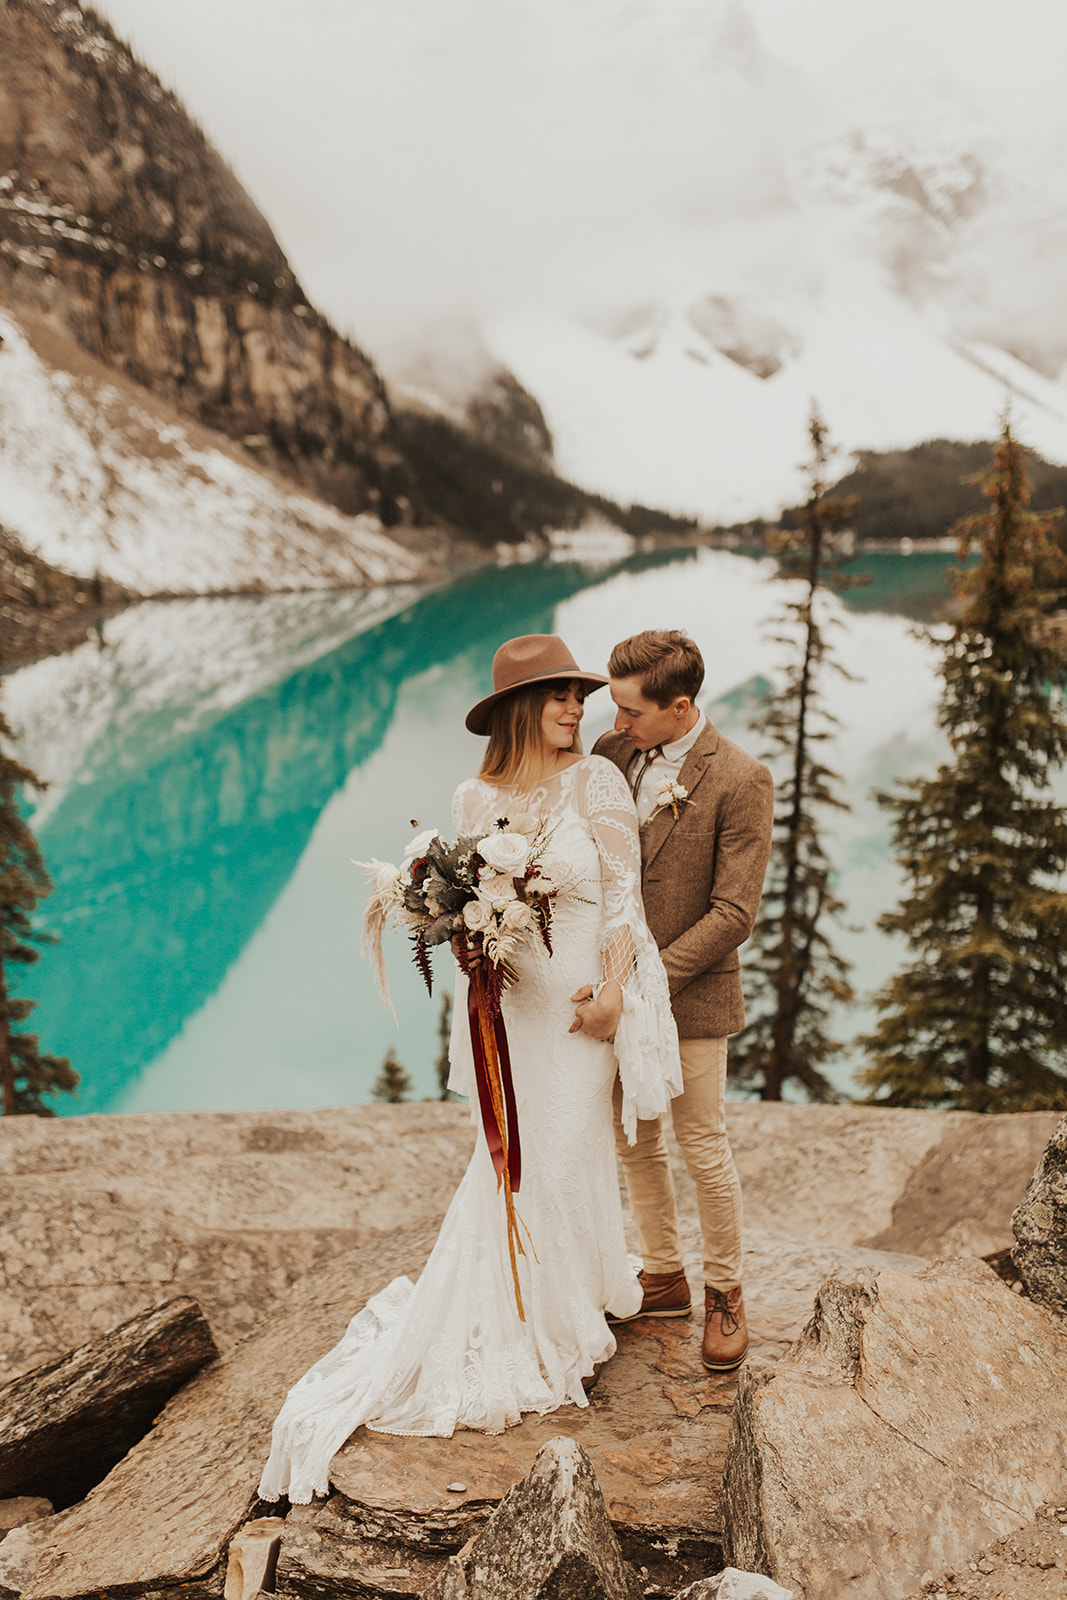 Banff Elopement l Lake Moraine Elopement l Vintage Bolo Tie l Pampas Grass Boho Boquet l Rue Design Wedding Dress l Banff Wedding Photographer l Destination Wedding Photographer l Katy Rose Photo_-36.jpg